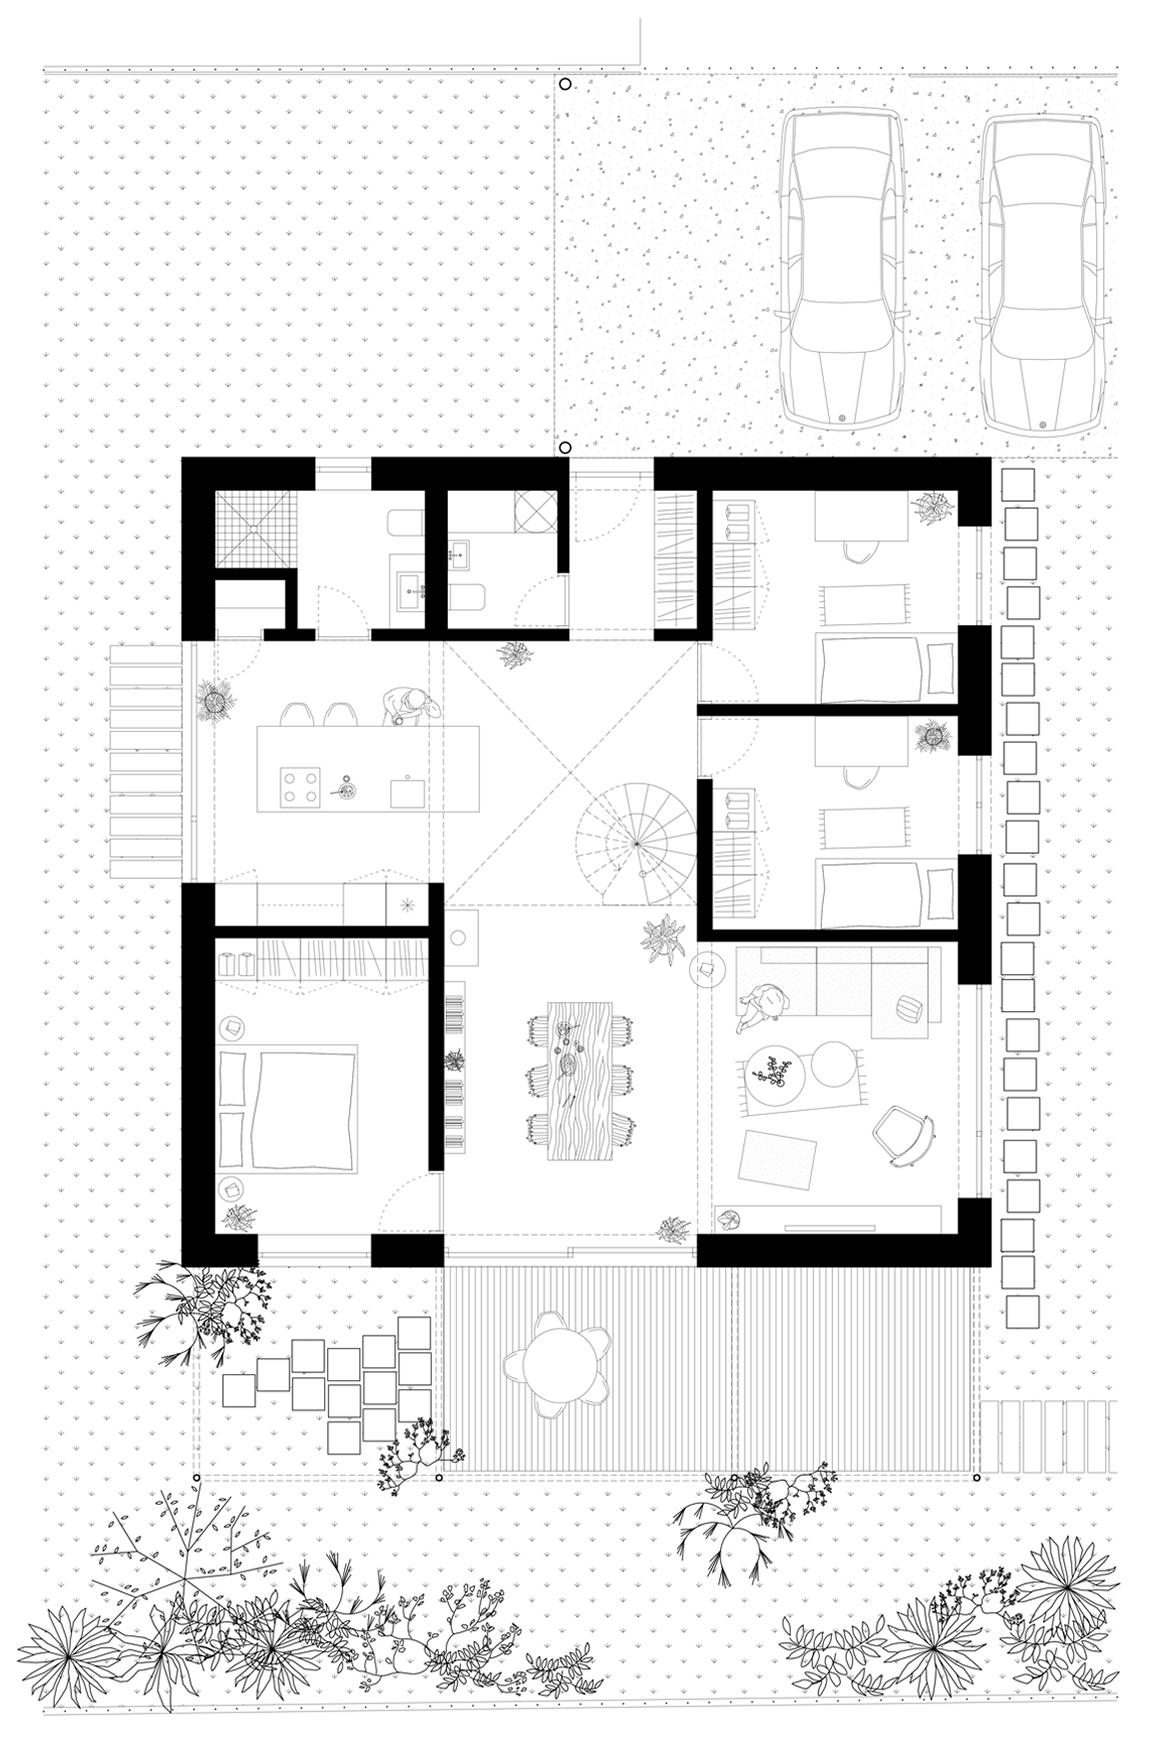 podorys1170x1750